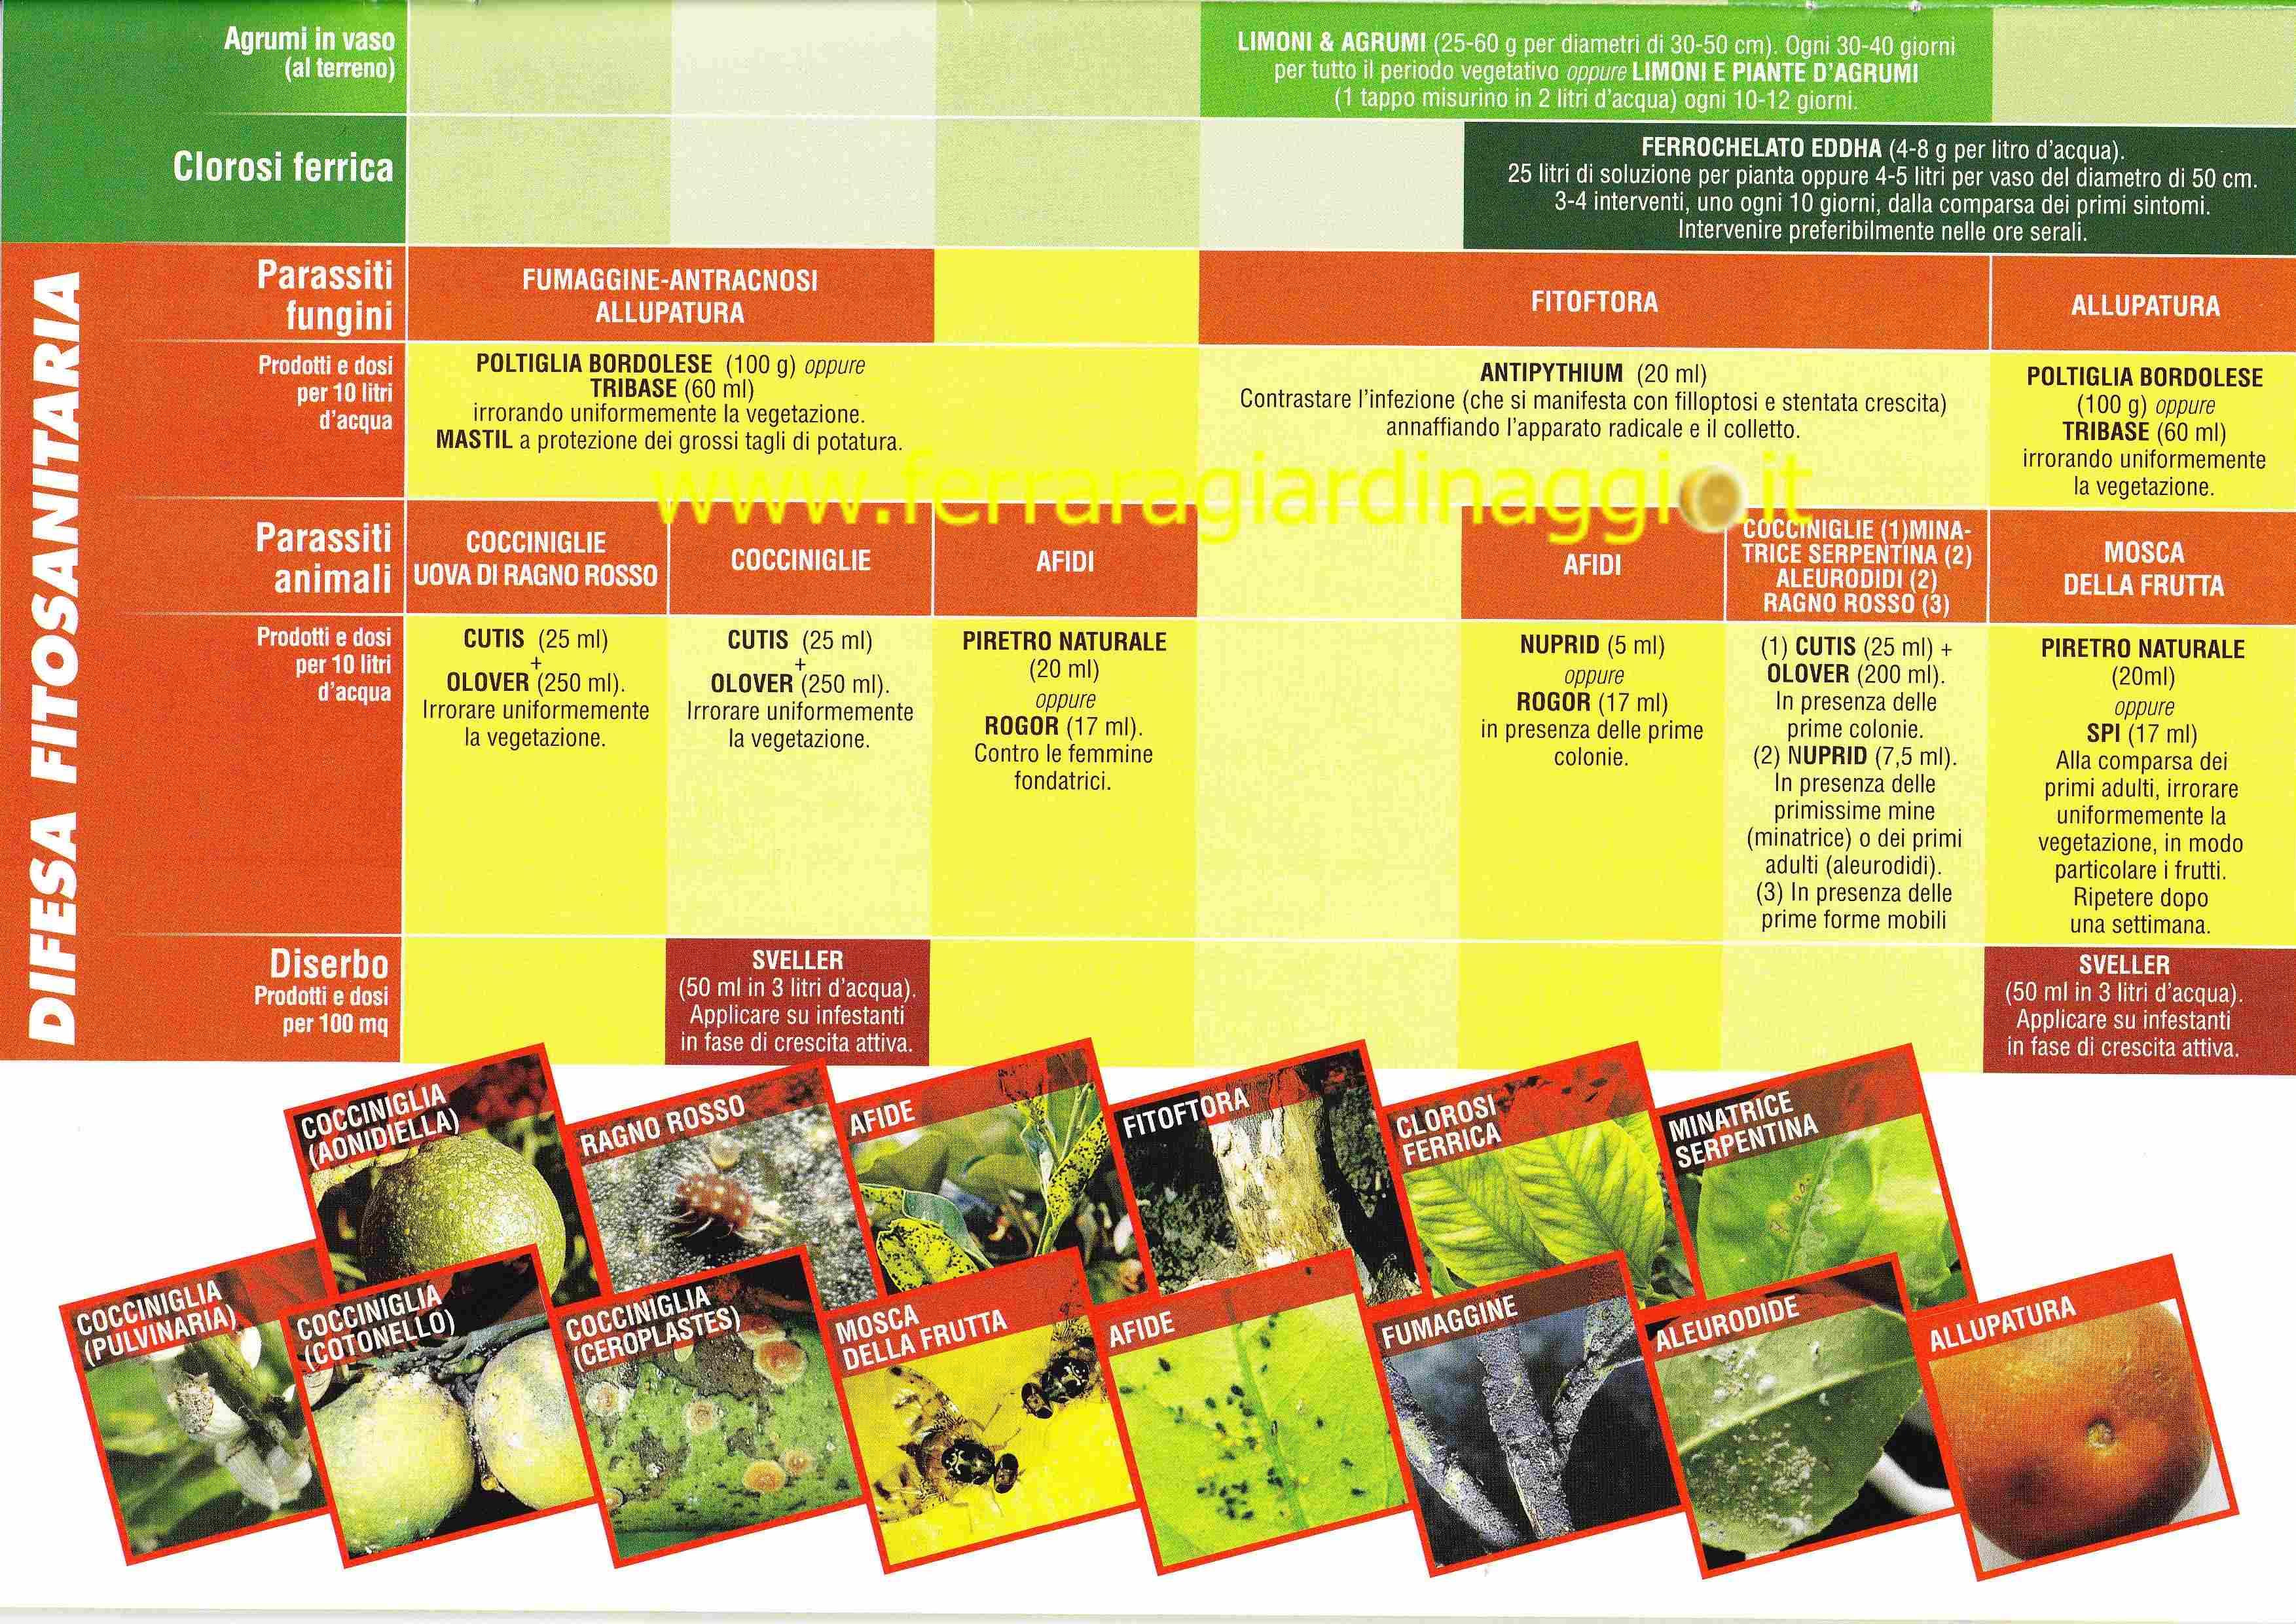 Calendario Concimazione Agrumi.Calendario Concimazione Agrumi